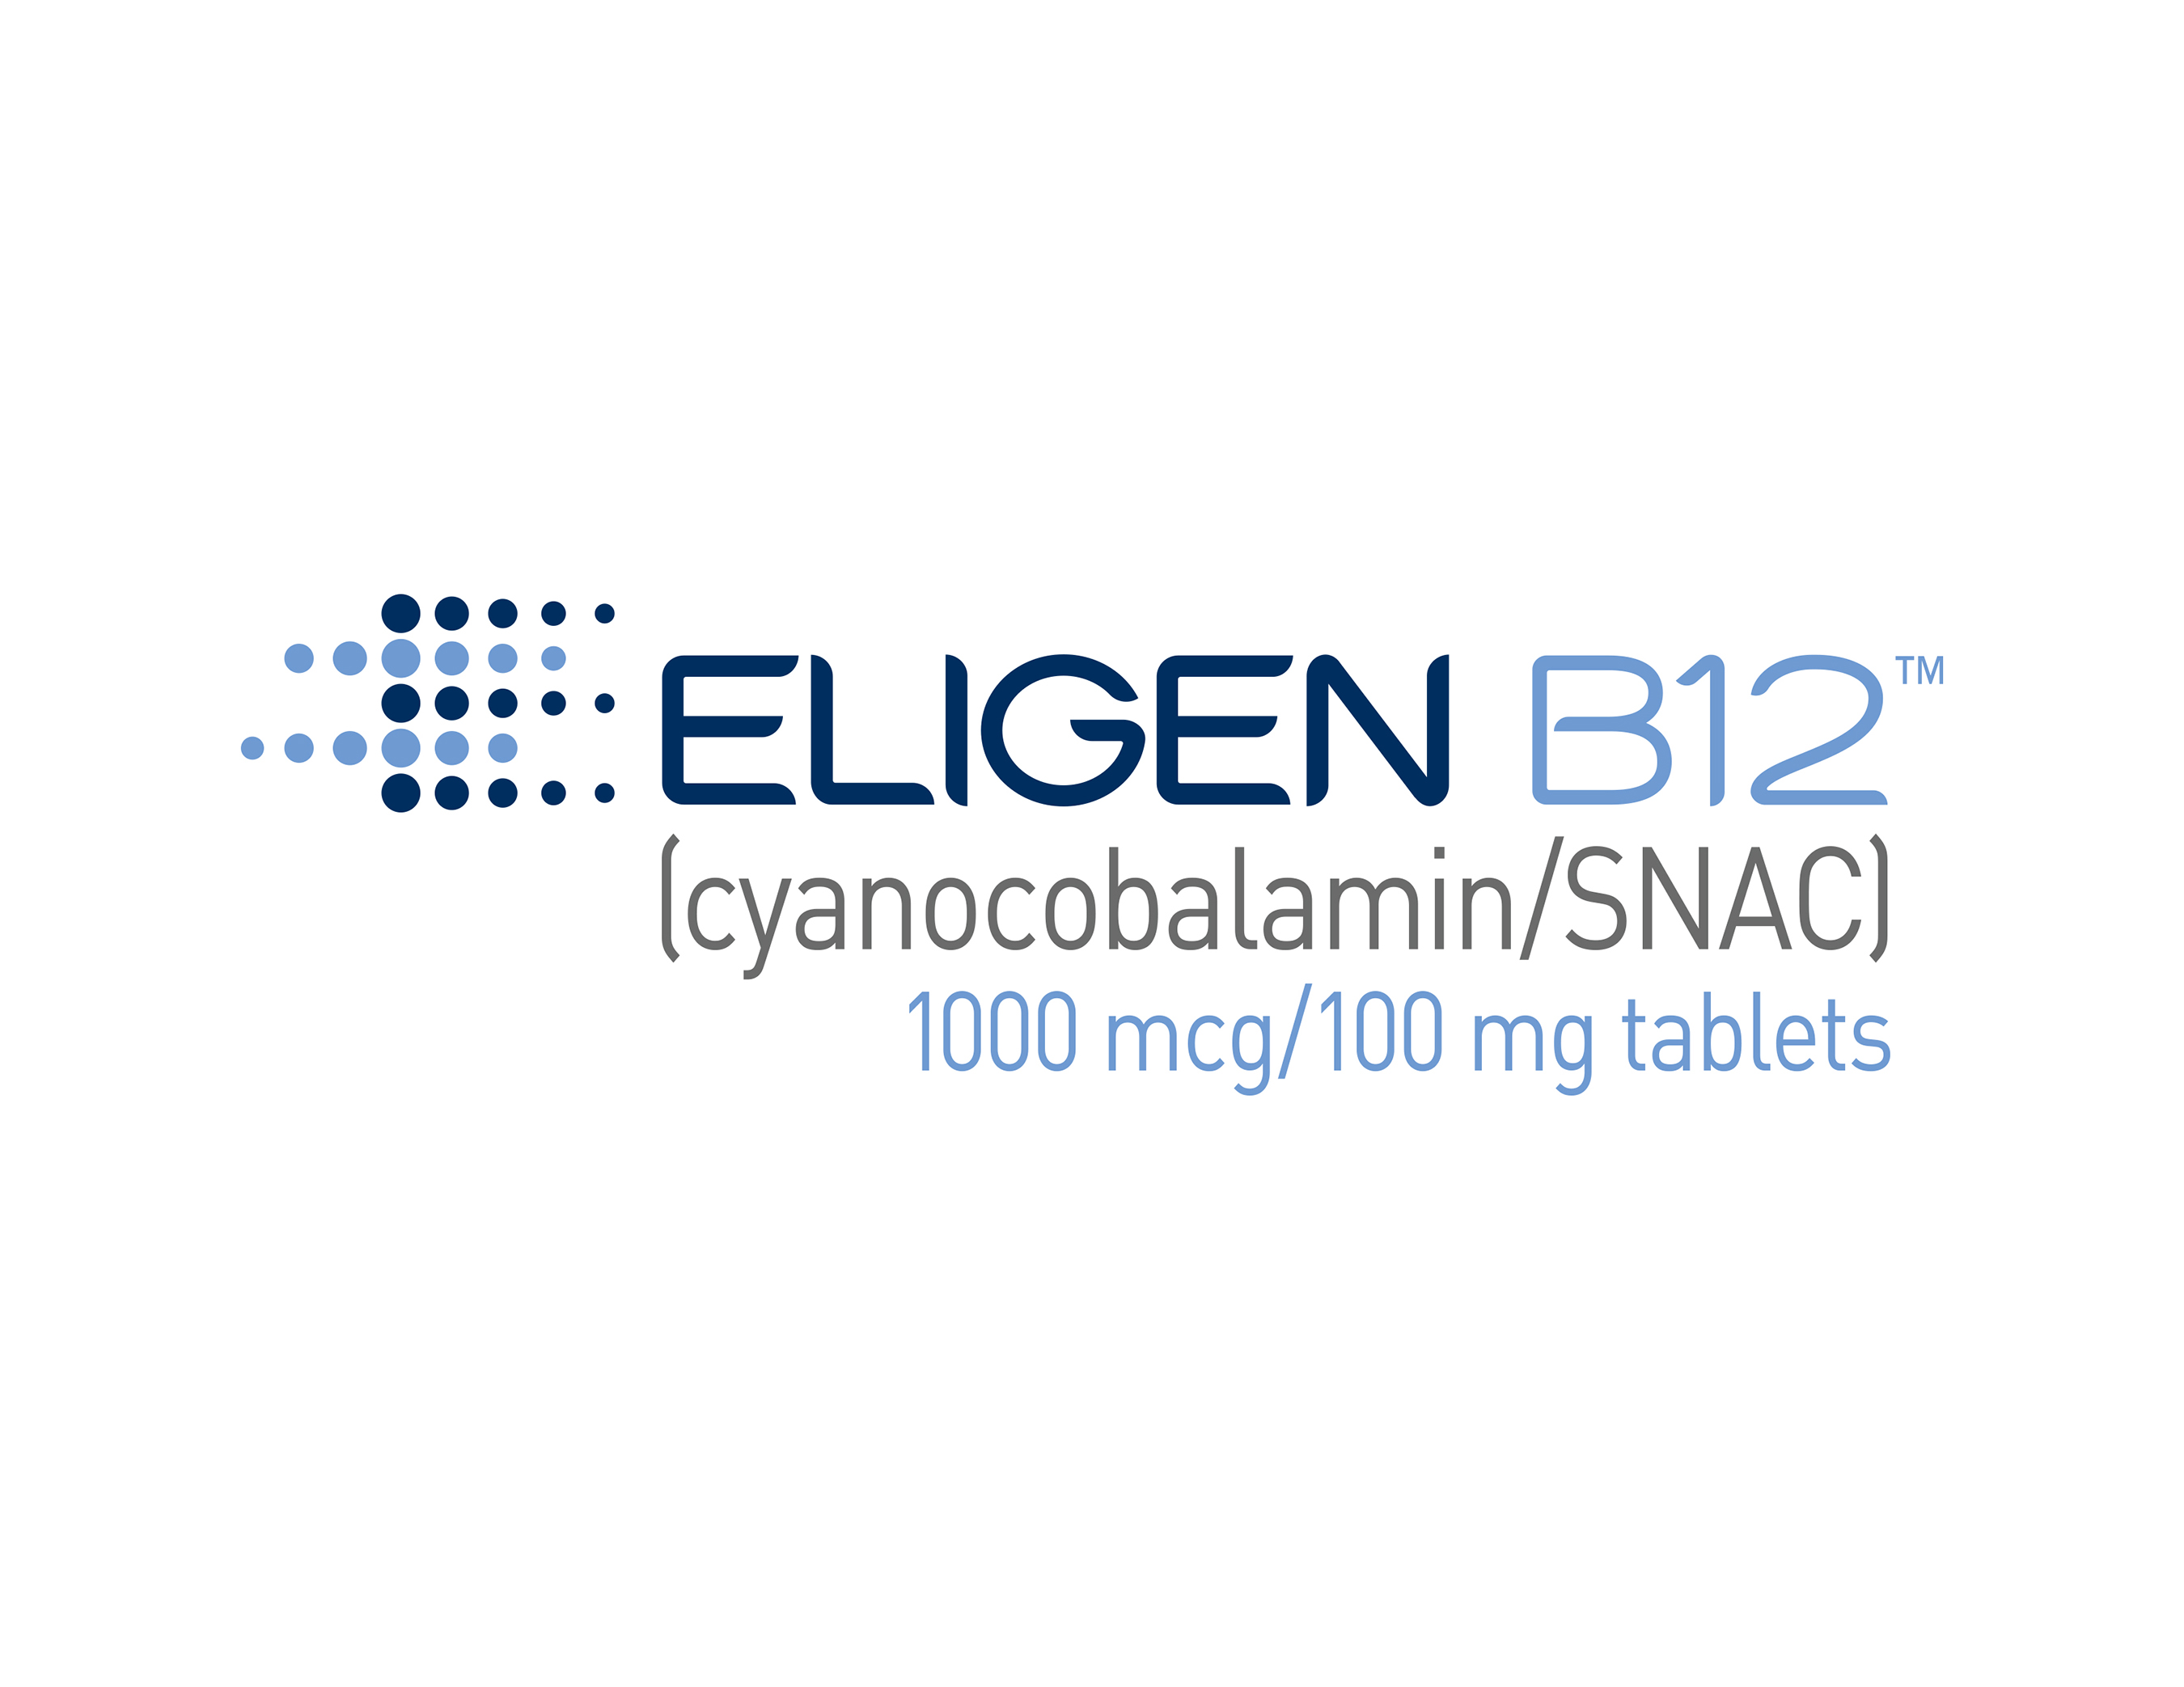 Eligen B12(TM) logo